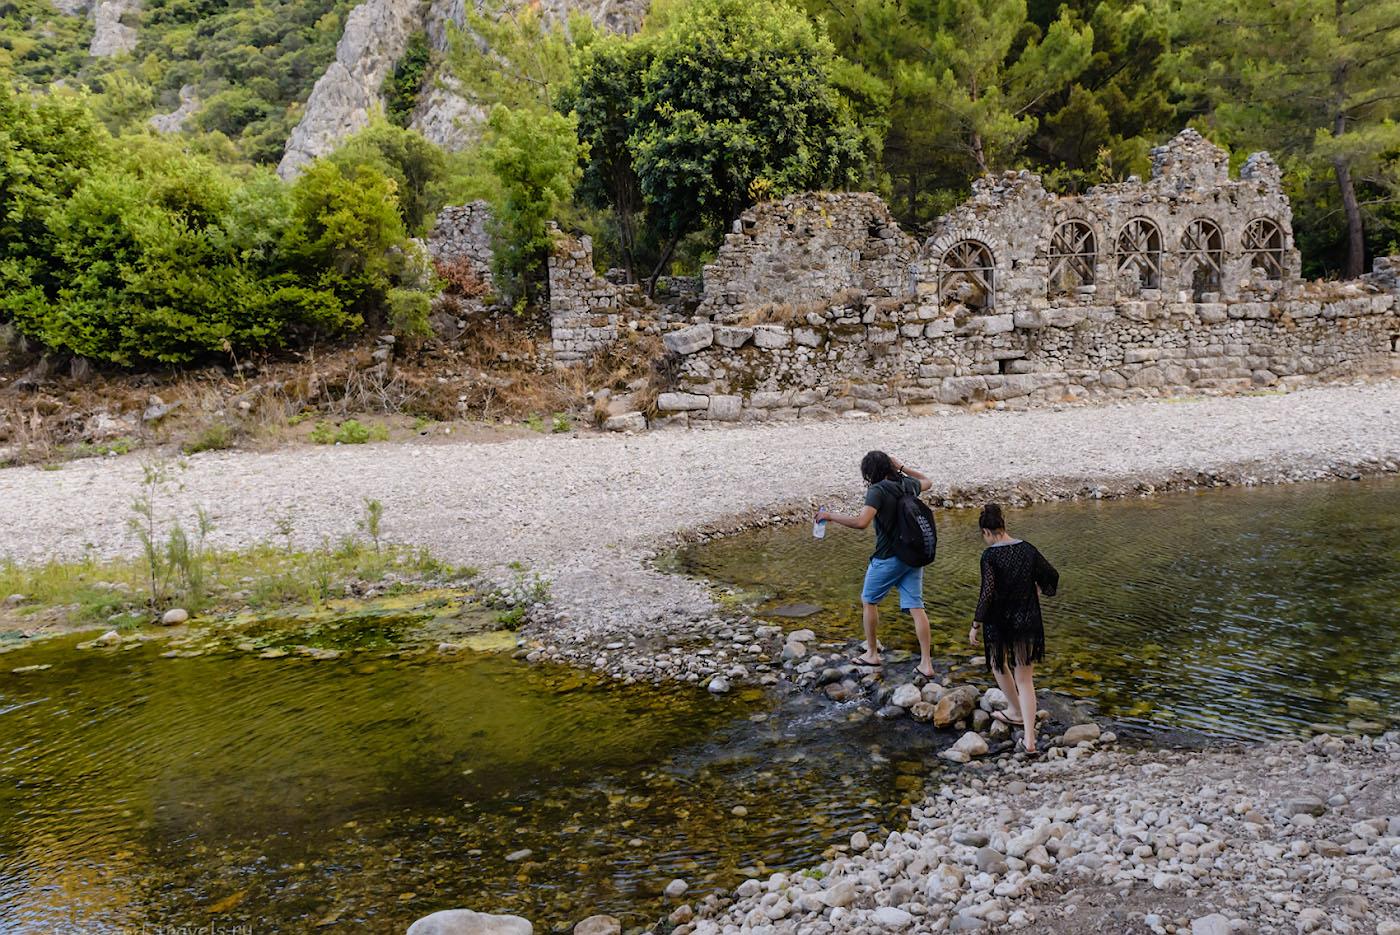 Фото 13. Ручей Ак-Дере в античном городе Олимпос. Отзыв об экскурсиях в Кемере.